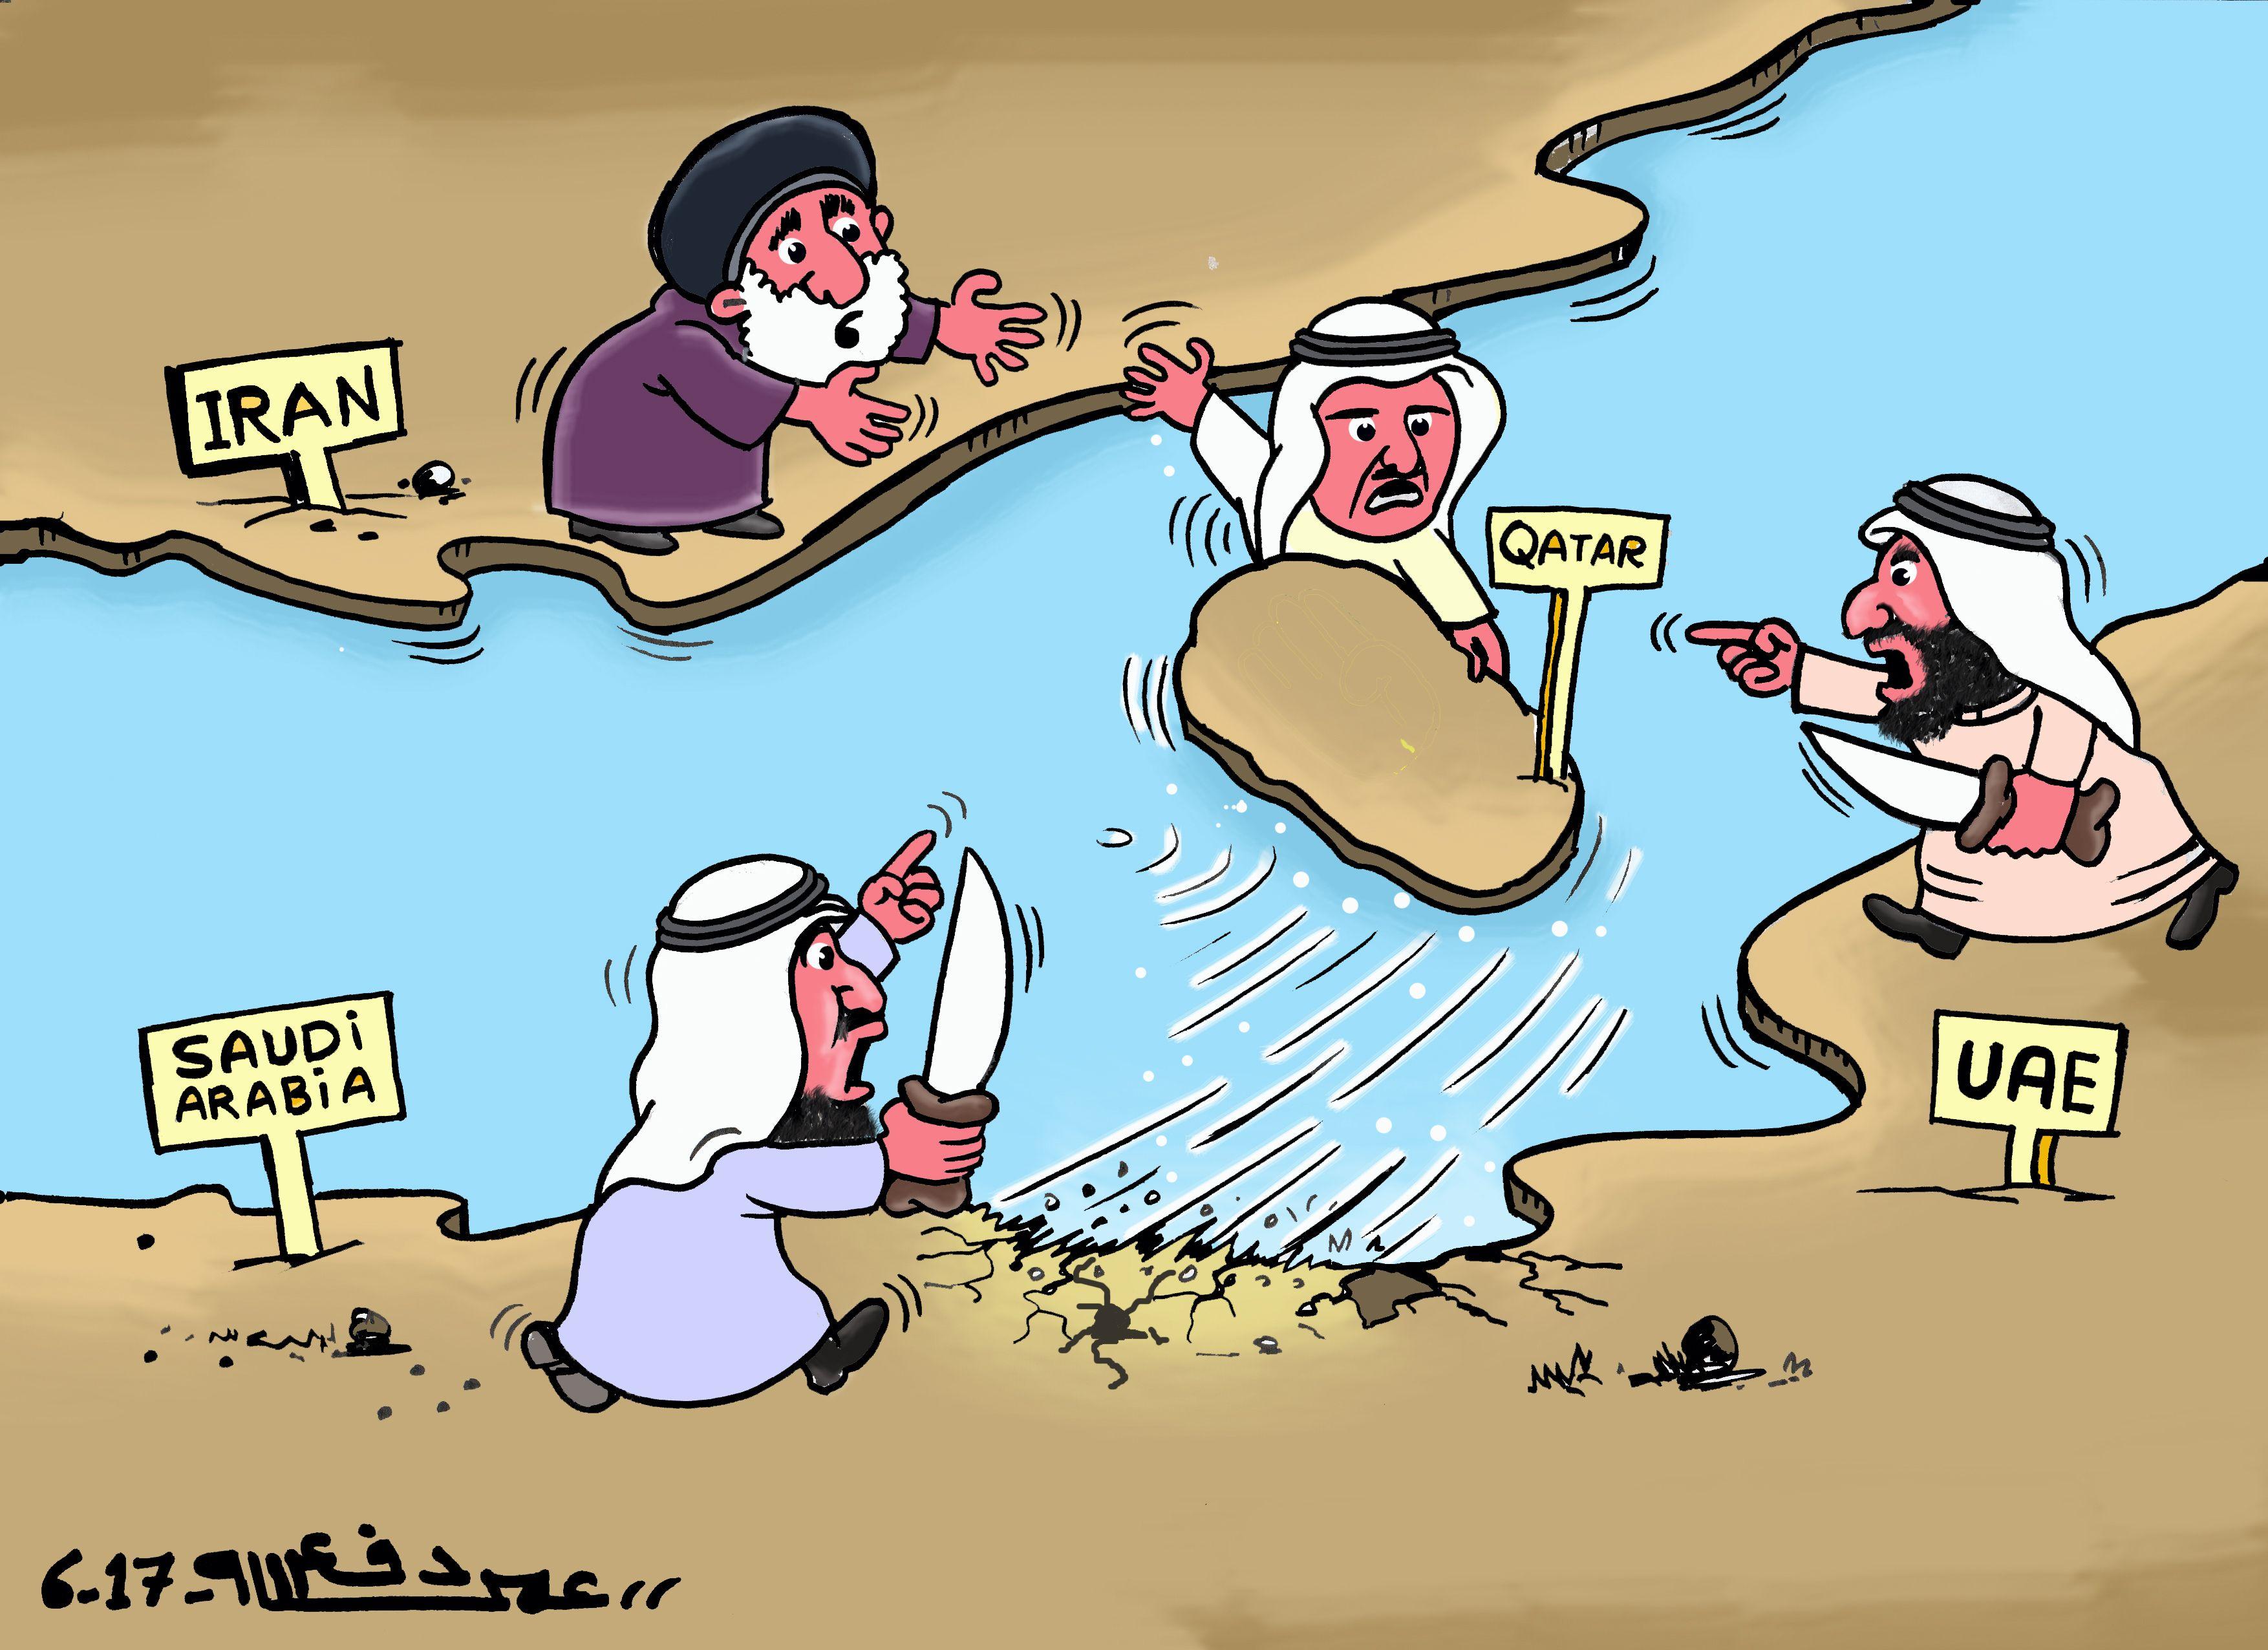 كاركاتير اليوم الموافق 15 يونيو 2017 للفنان عمر دفع الله عن  قطر